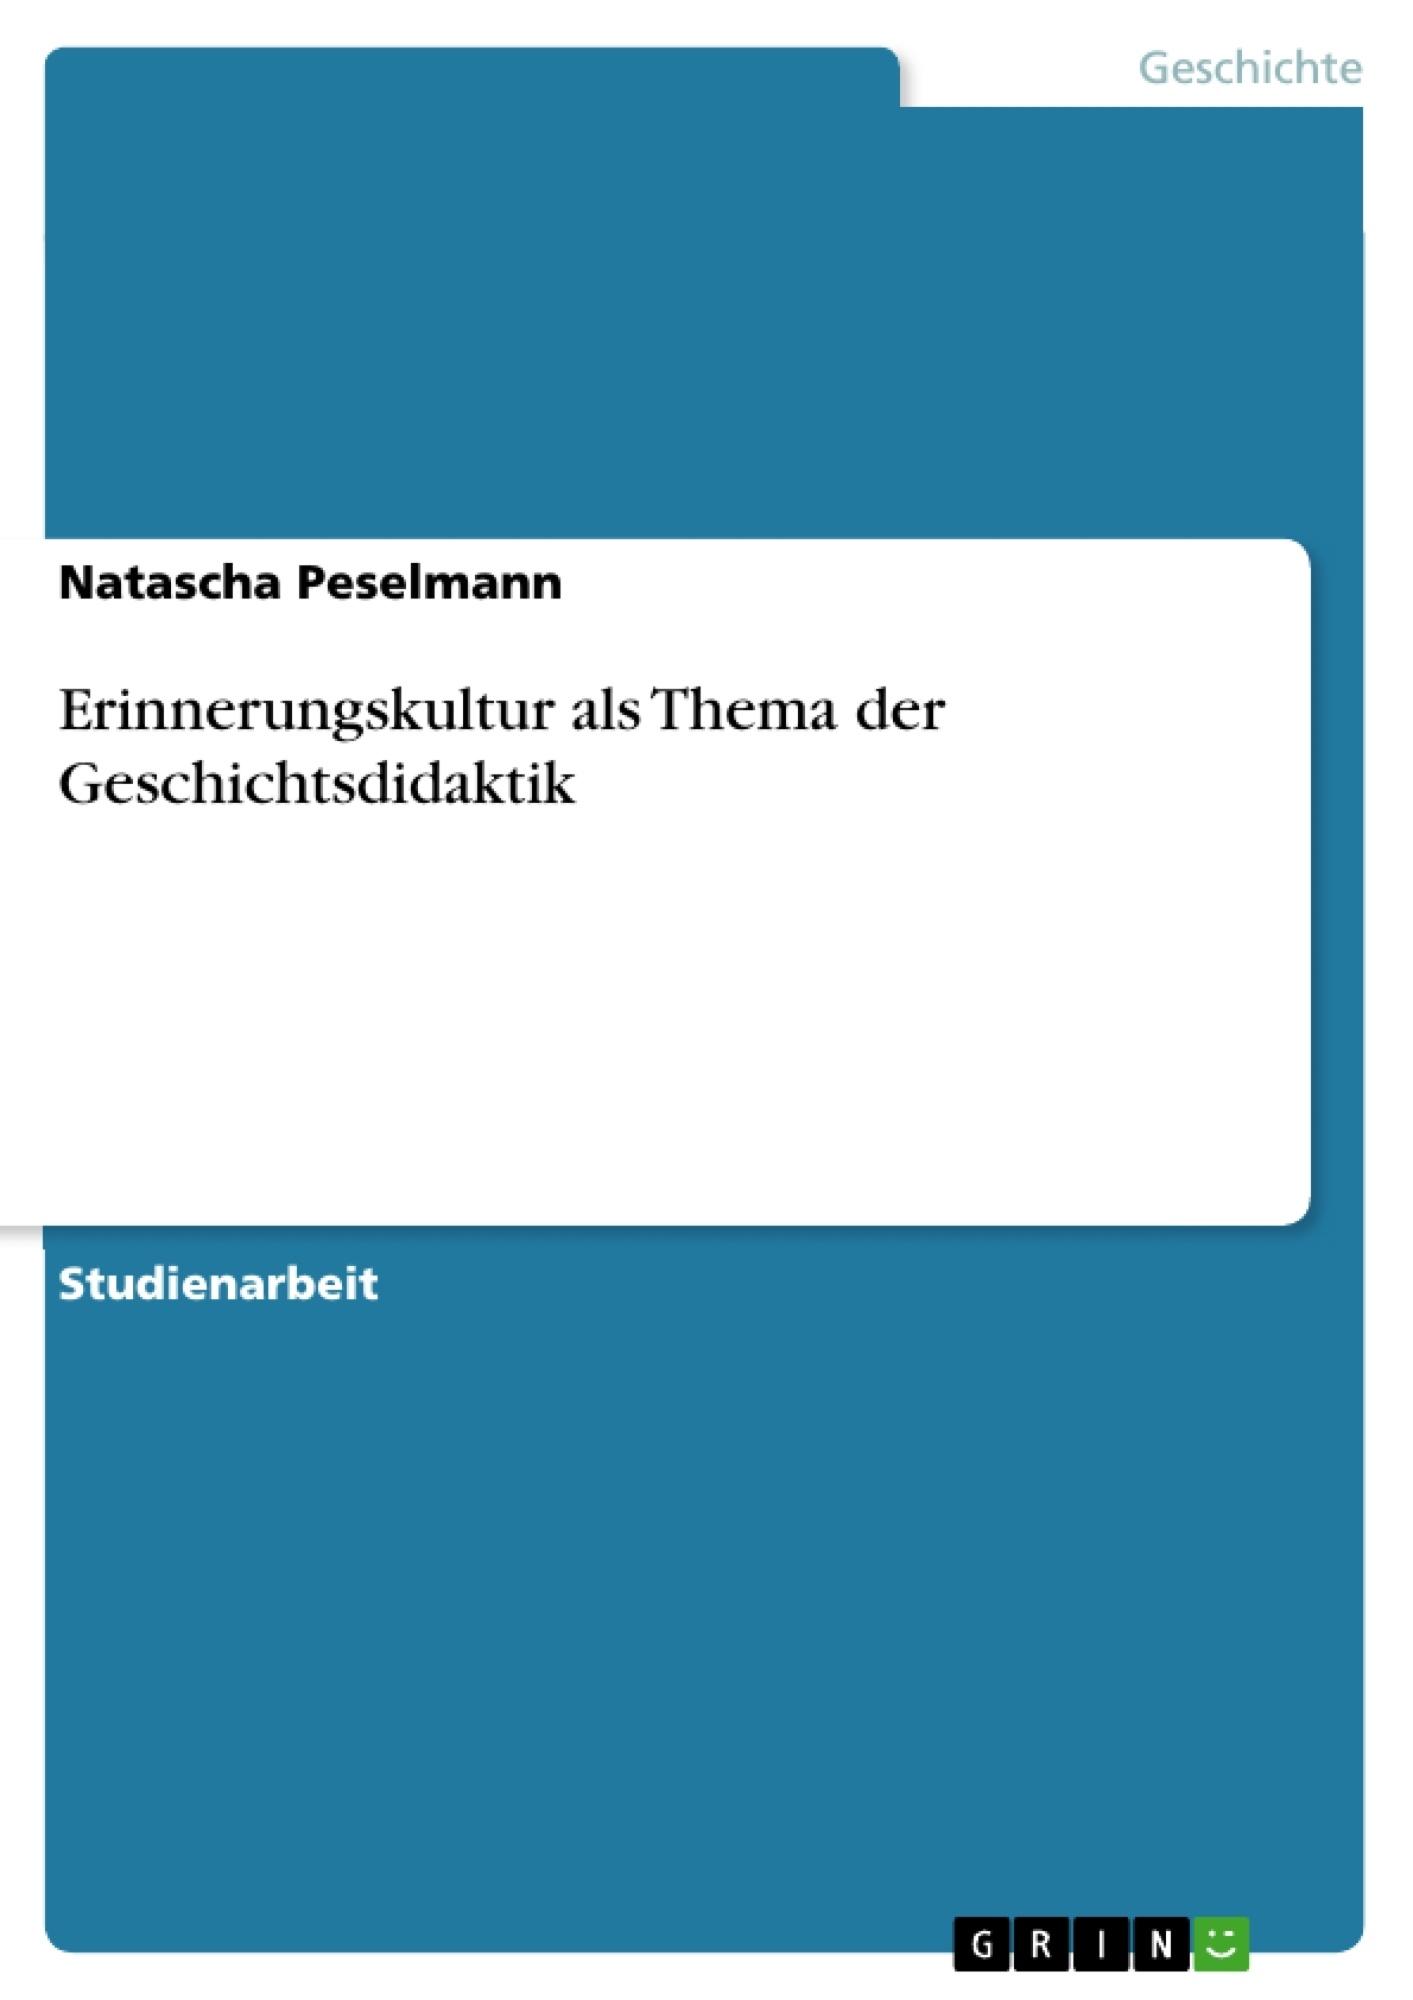 Titel: Erinnerungskultur als Thema der Geschichtsdidaktik